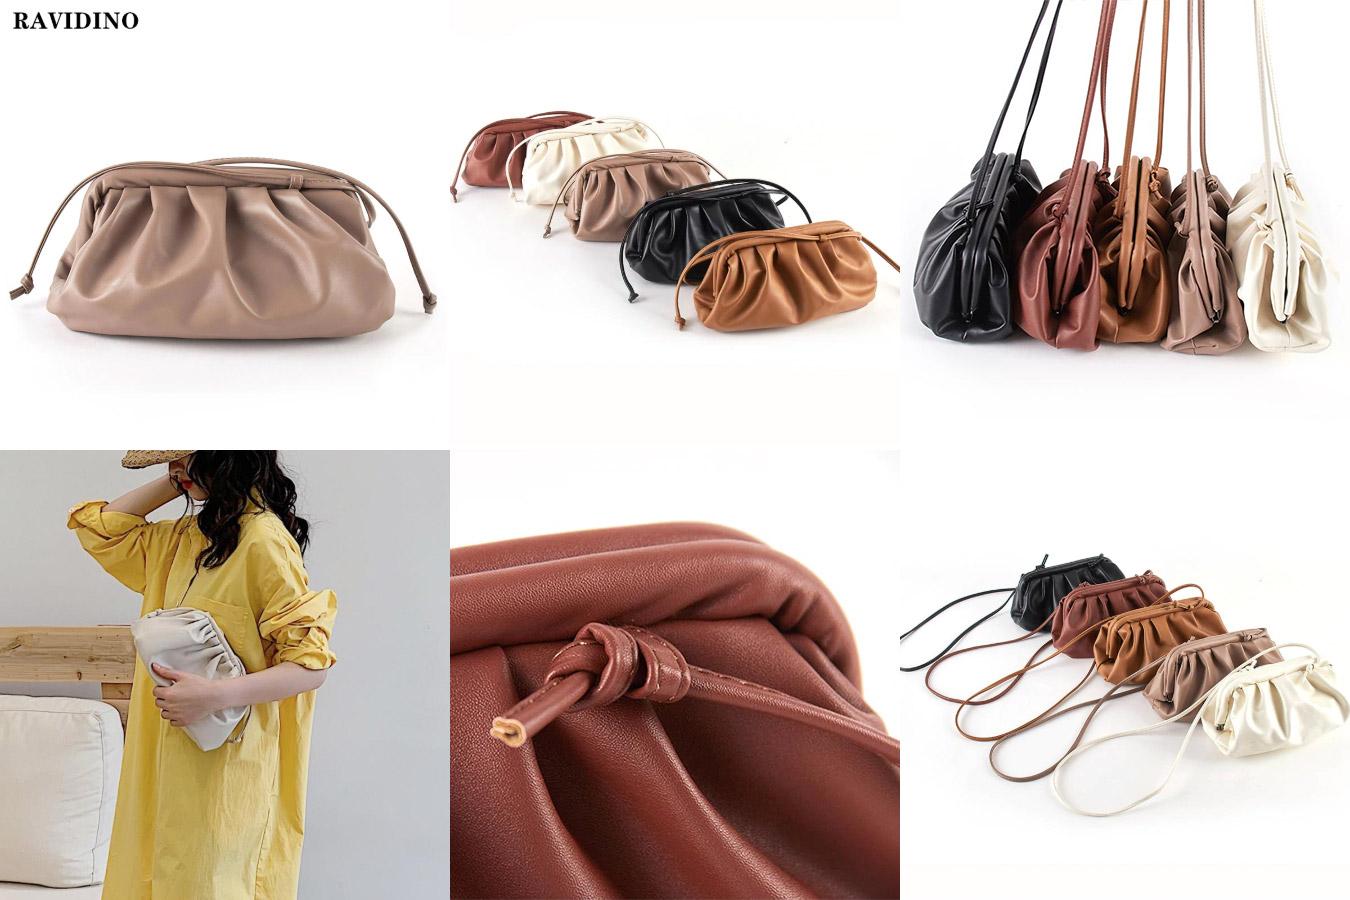 Повседневный дневной клатч в форме сумки-бродяги